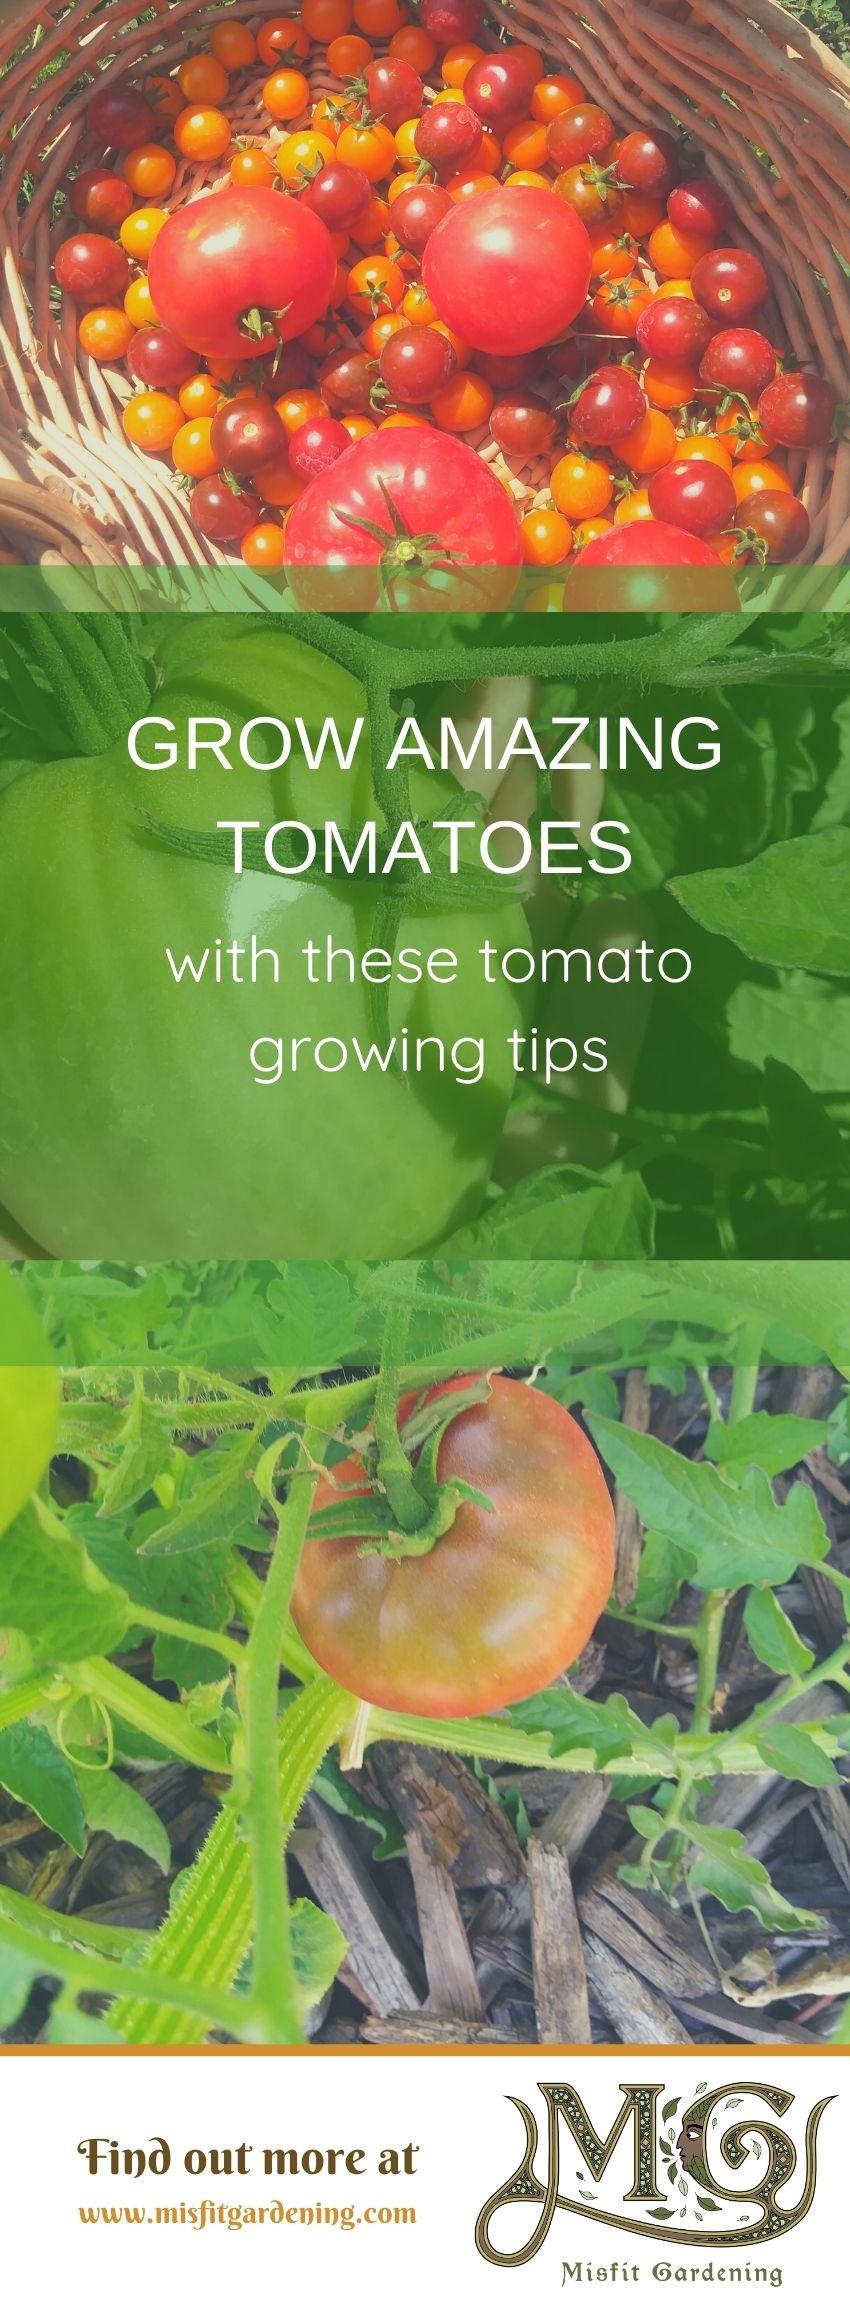 Klicken Sie hier, um zu sehen, wie Sie Tomaten anbauen oder anheften und für später speichern können. #Homesteading #Garten